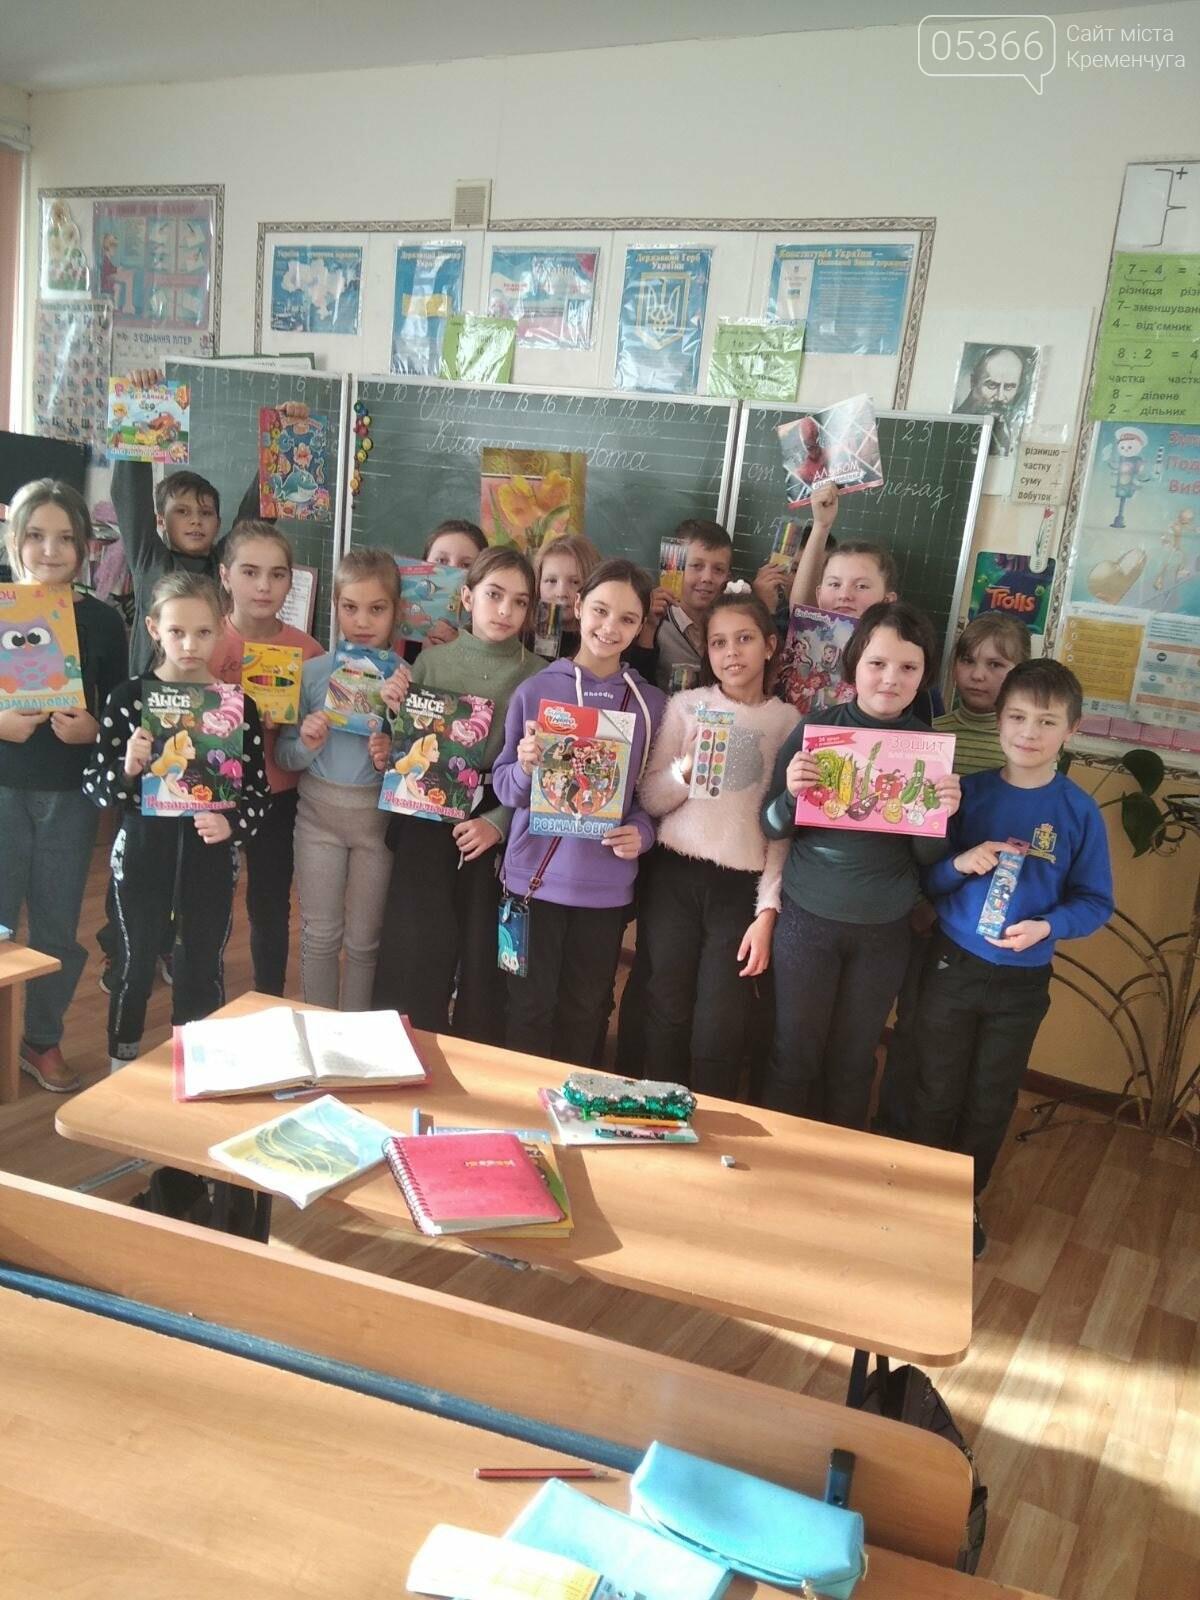 """Кременчуцькі учні зібрали """"Коробки хоробрості"""" для онкохворих, фото-2"""